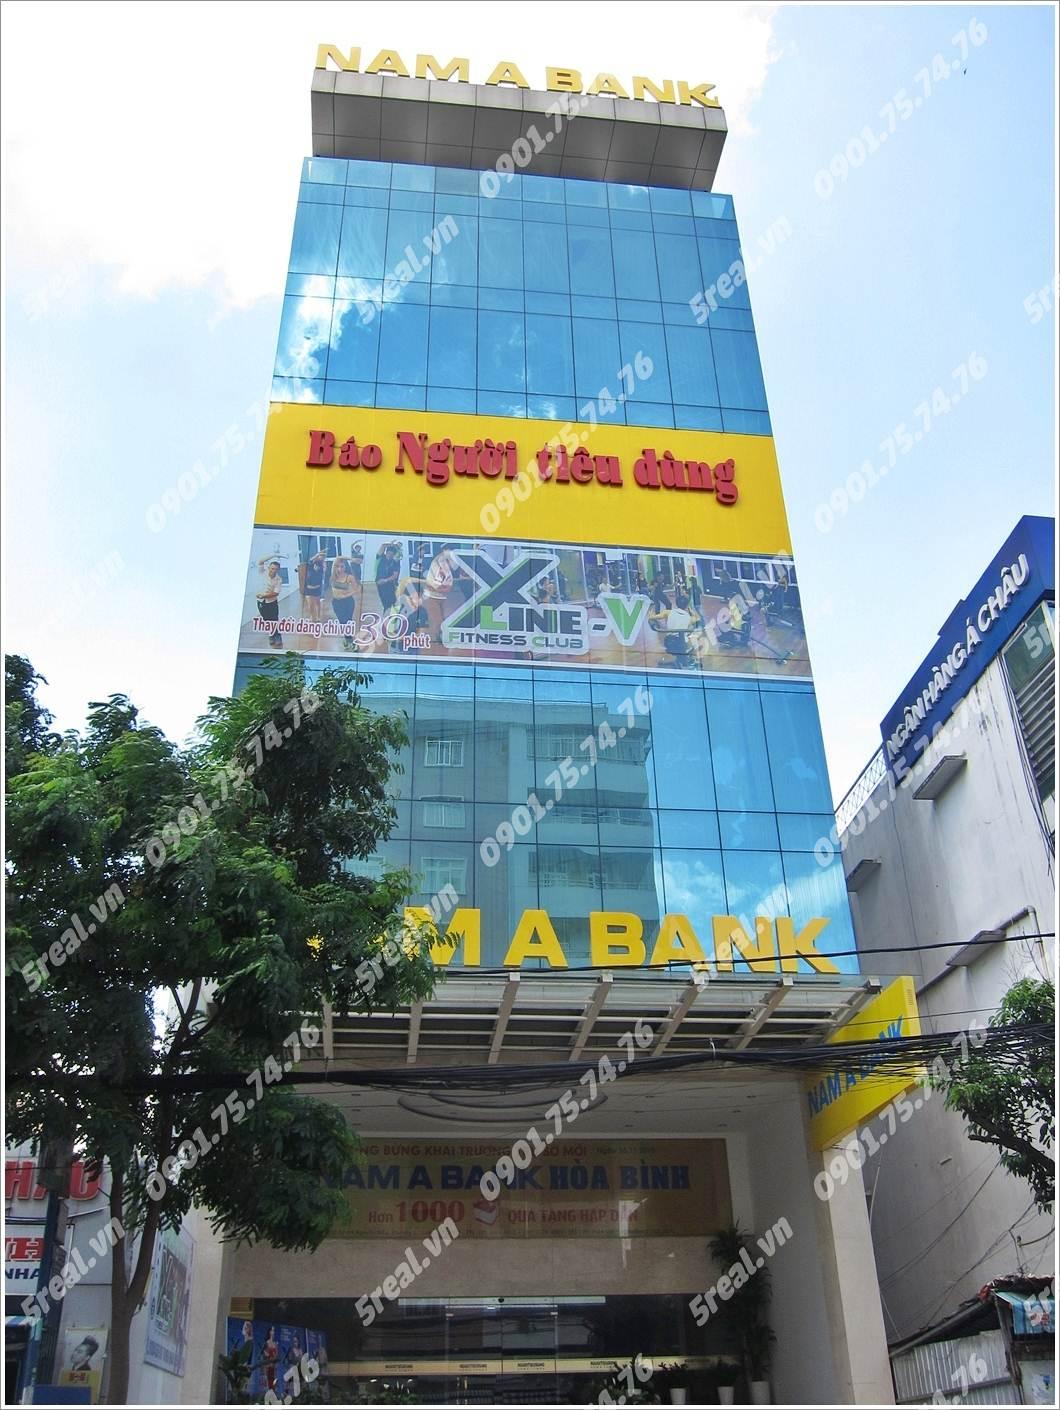 bao-nguoi-tieu-dung-building-nguyen-bieu-van-cho-thue-quan-5-5real.vn-01